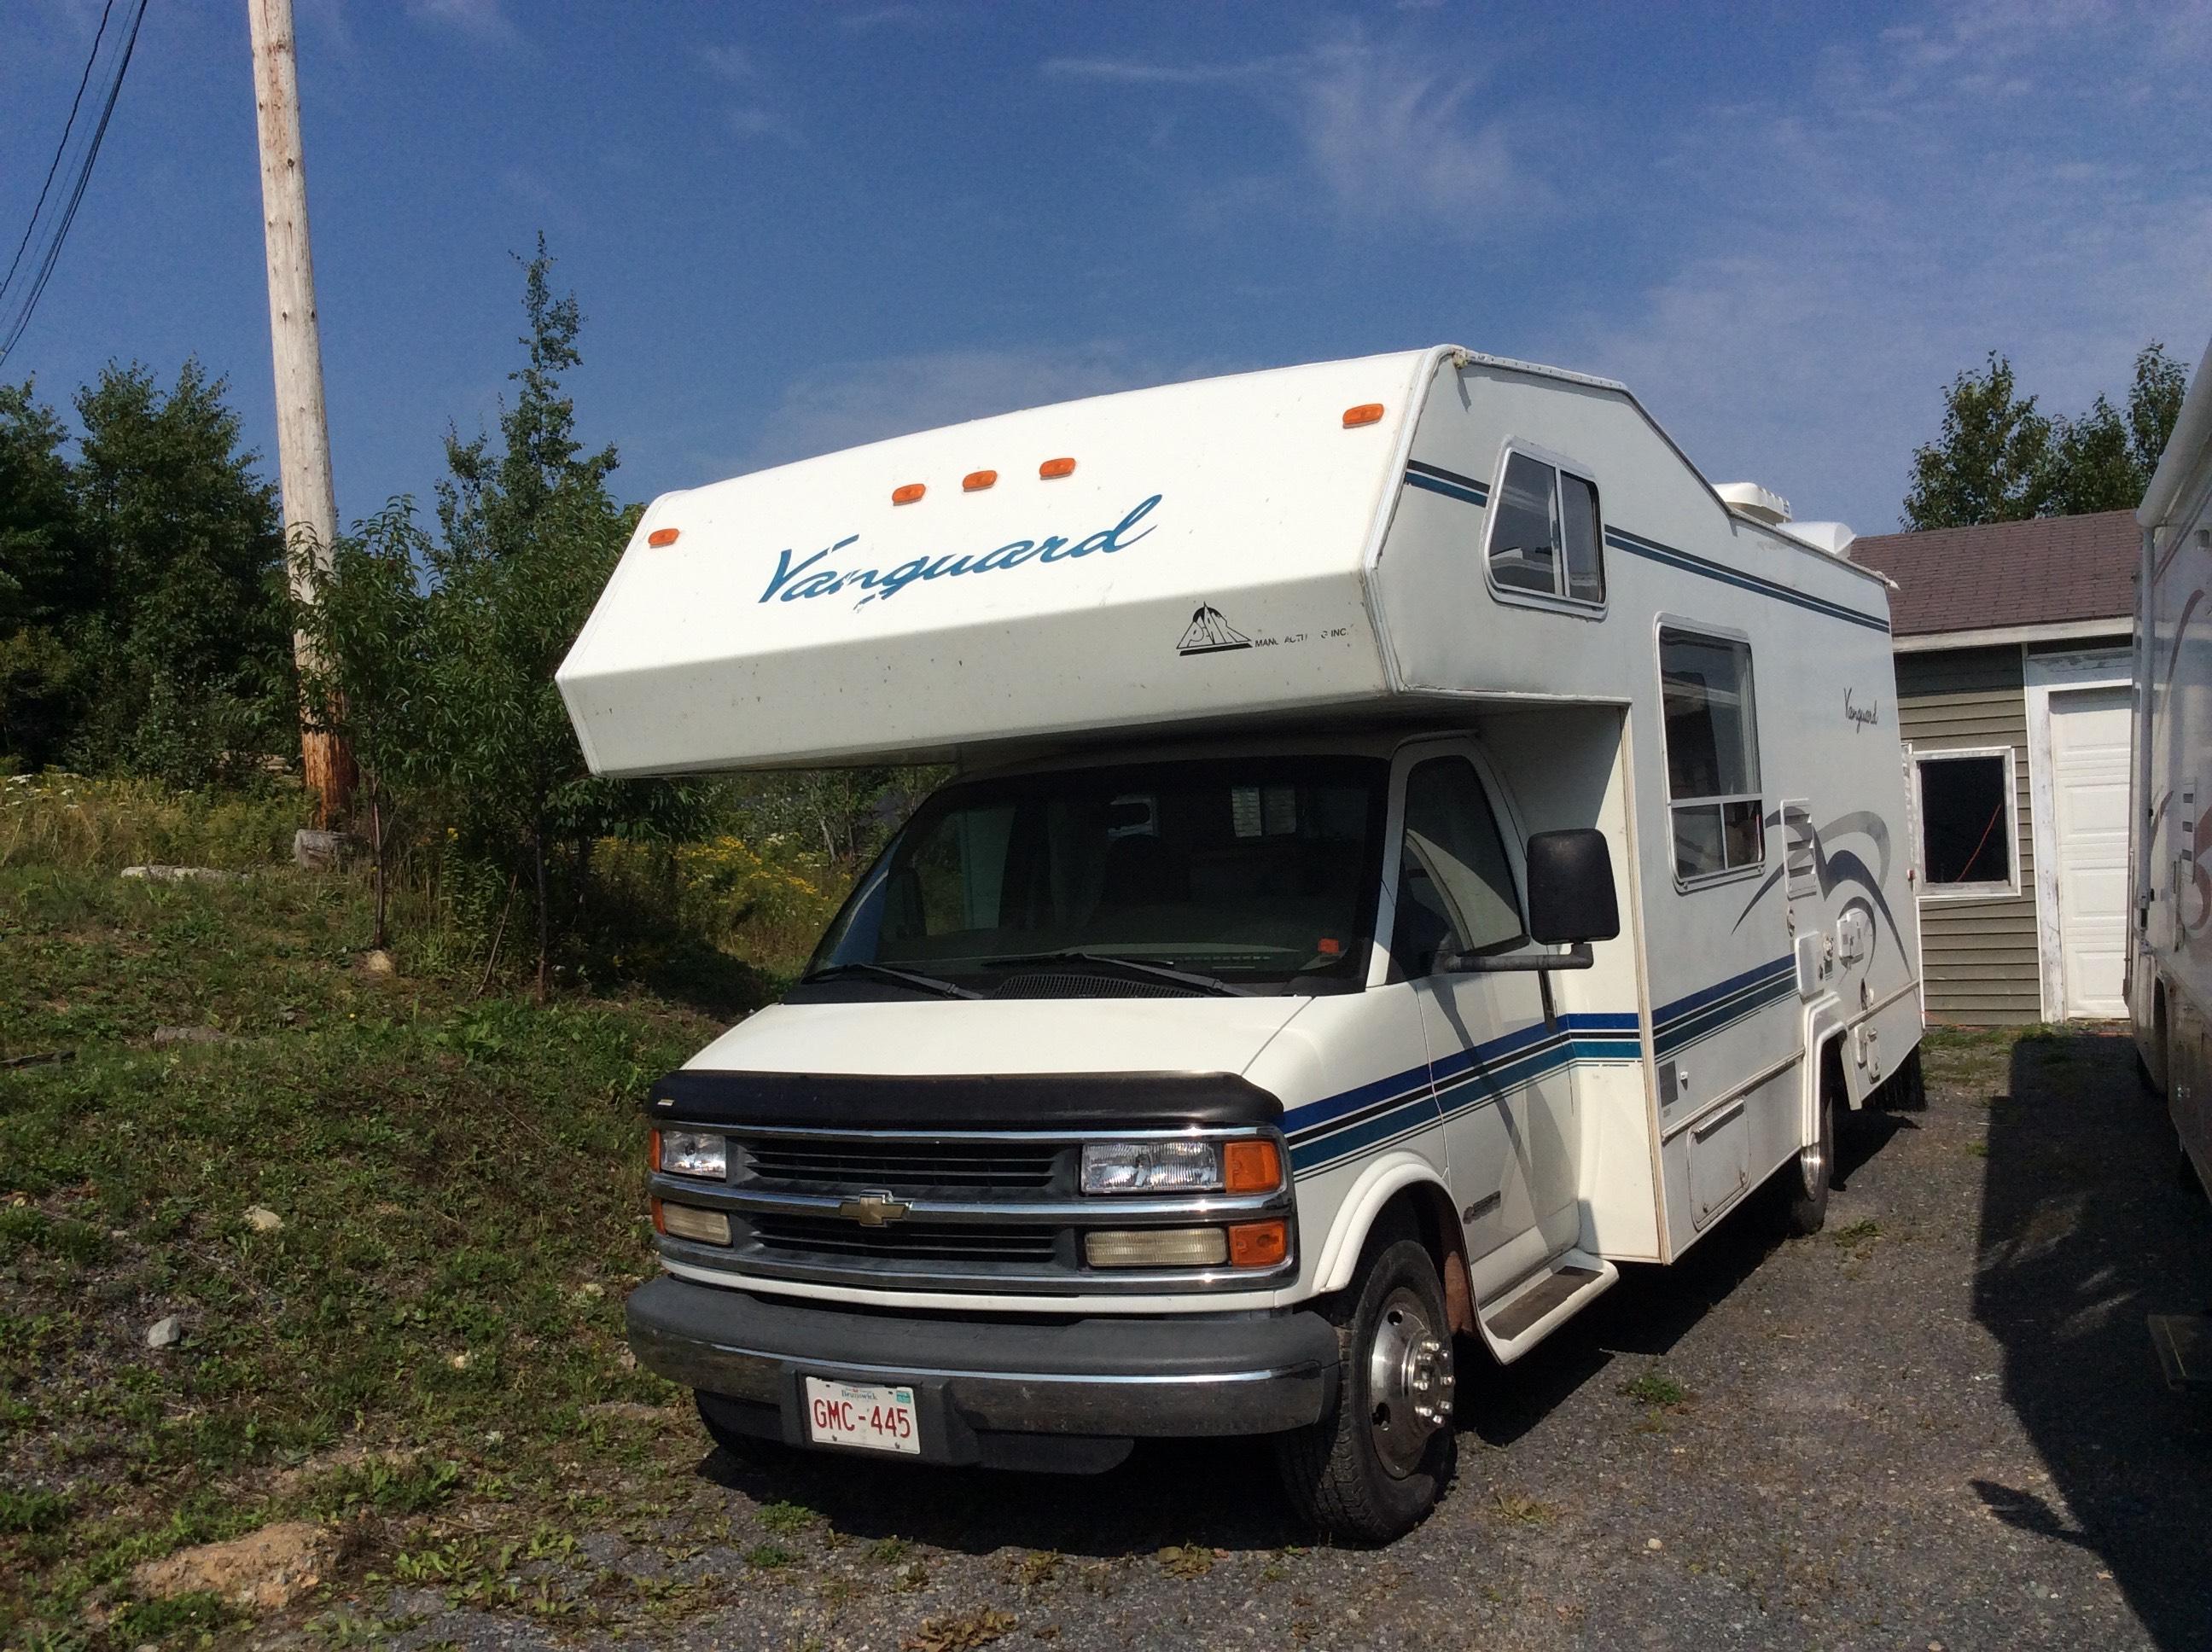 Newfoundland RV Rentals | Motor Home, Travel Trailer, RV Rentals in ...